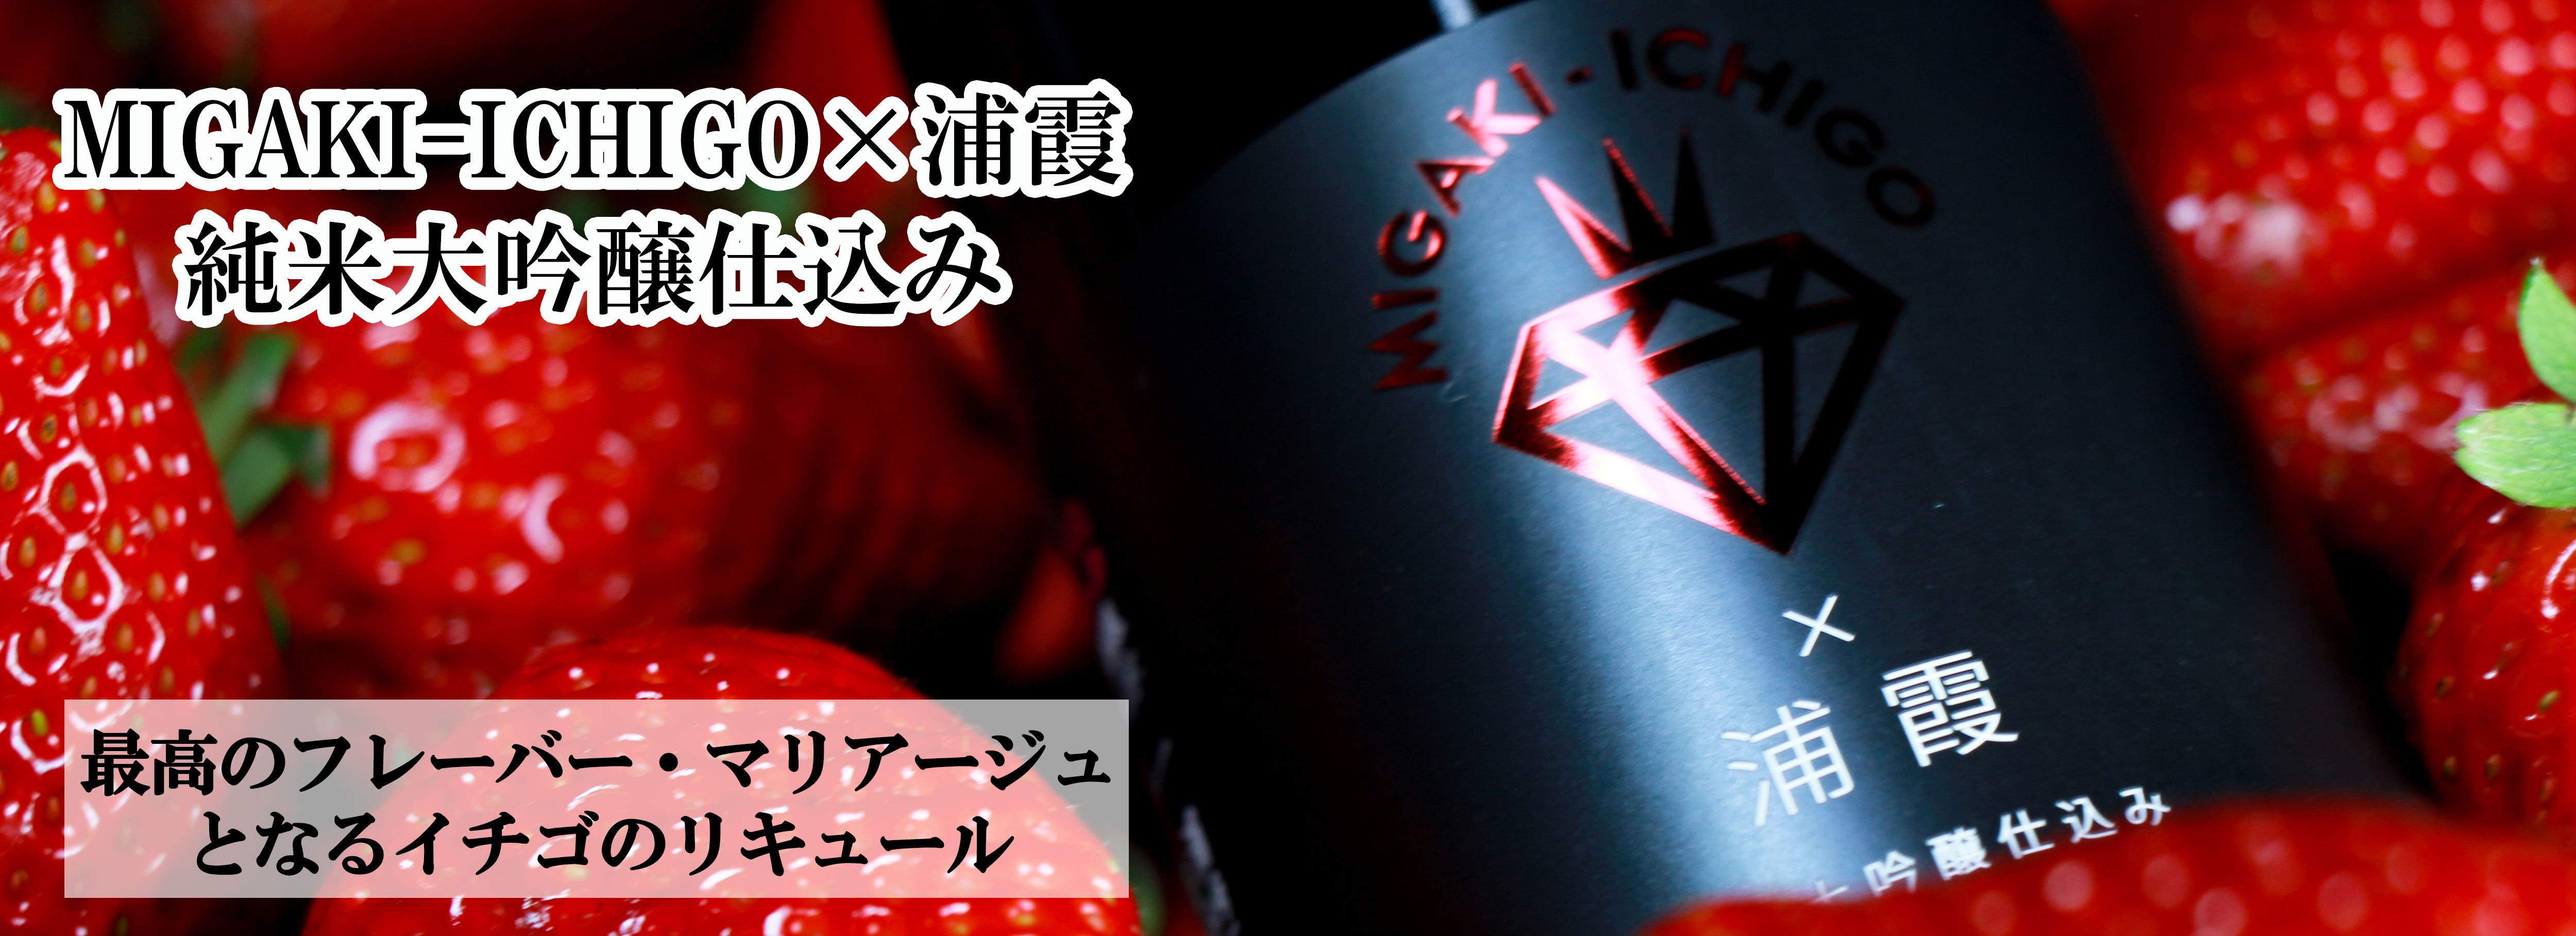 ギフトにおすすめ「MIGAKI-ICHIGO×浦霞 純米大吟醸仕込み」